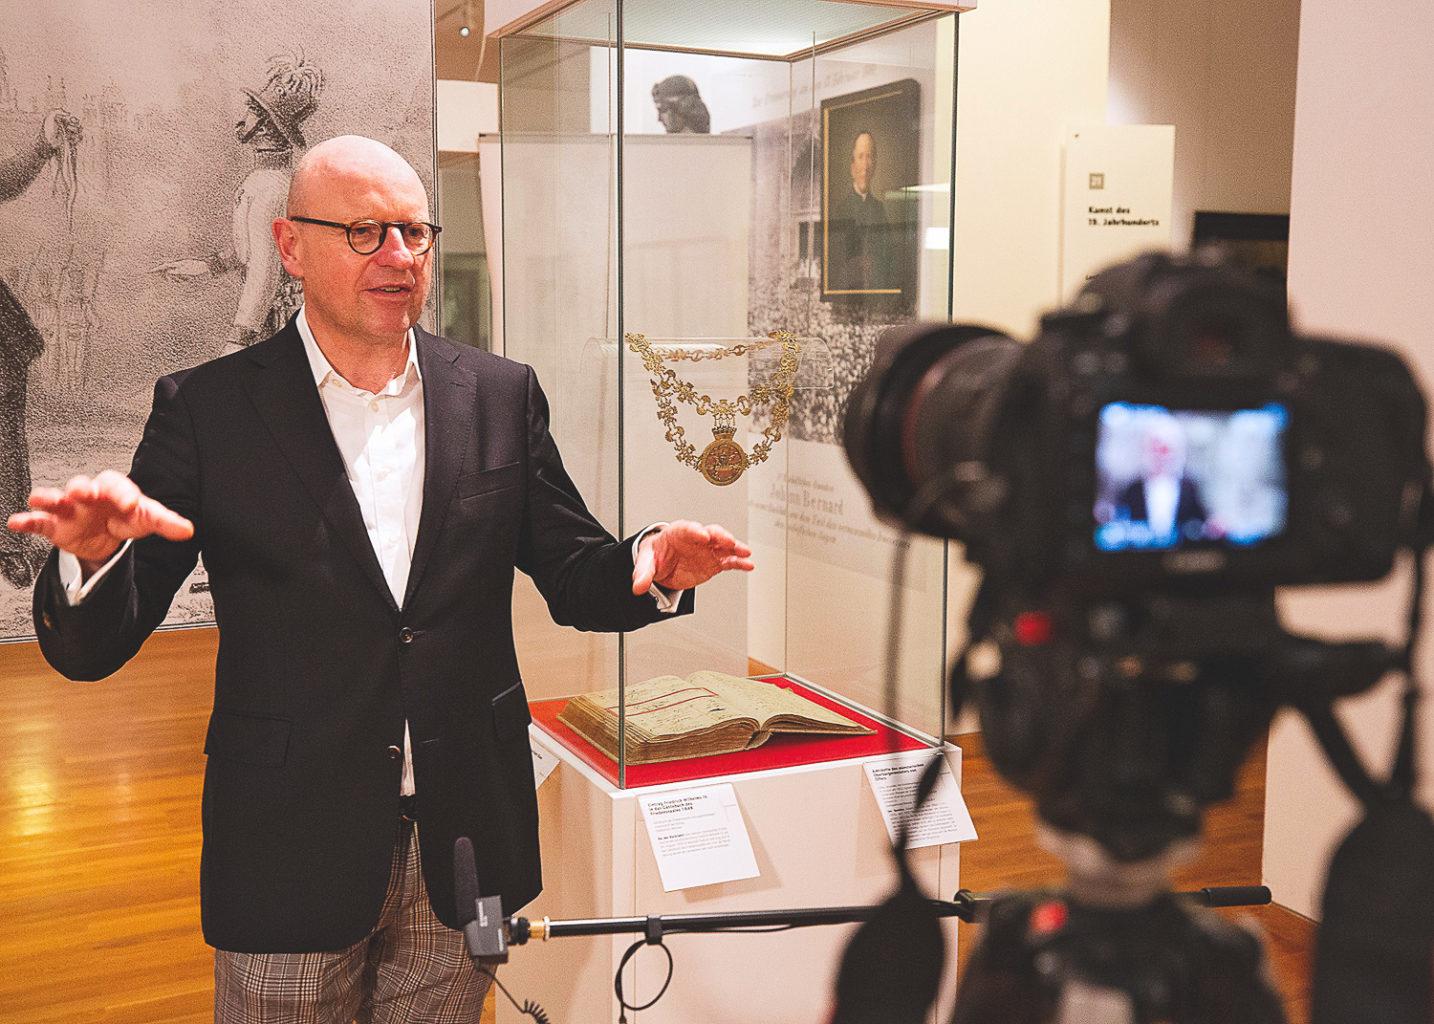 Oberbürgermeister Markus Lewe spricht über sein liebstes Ausstellungsstück im Stadtmuseum Münster.Foto: Stadtmuseum Münster.